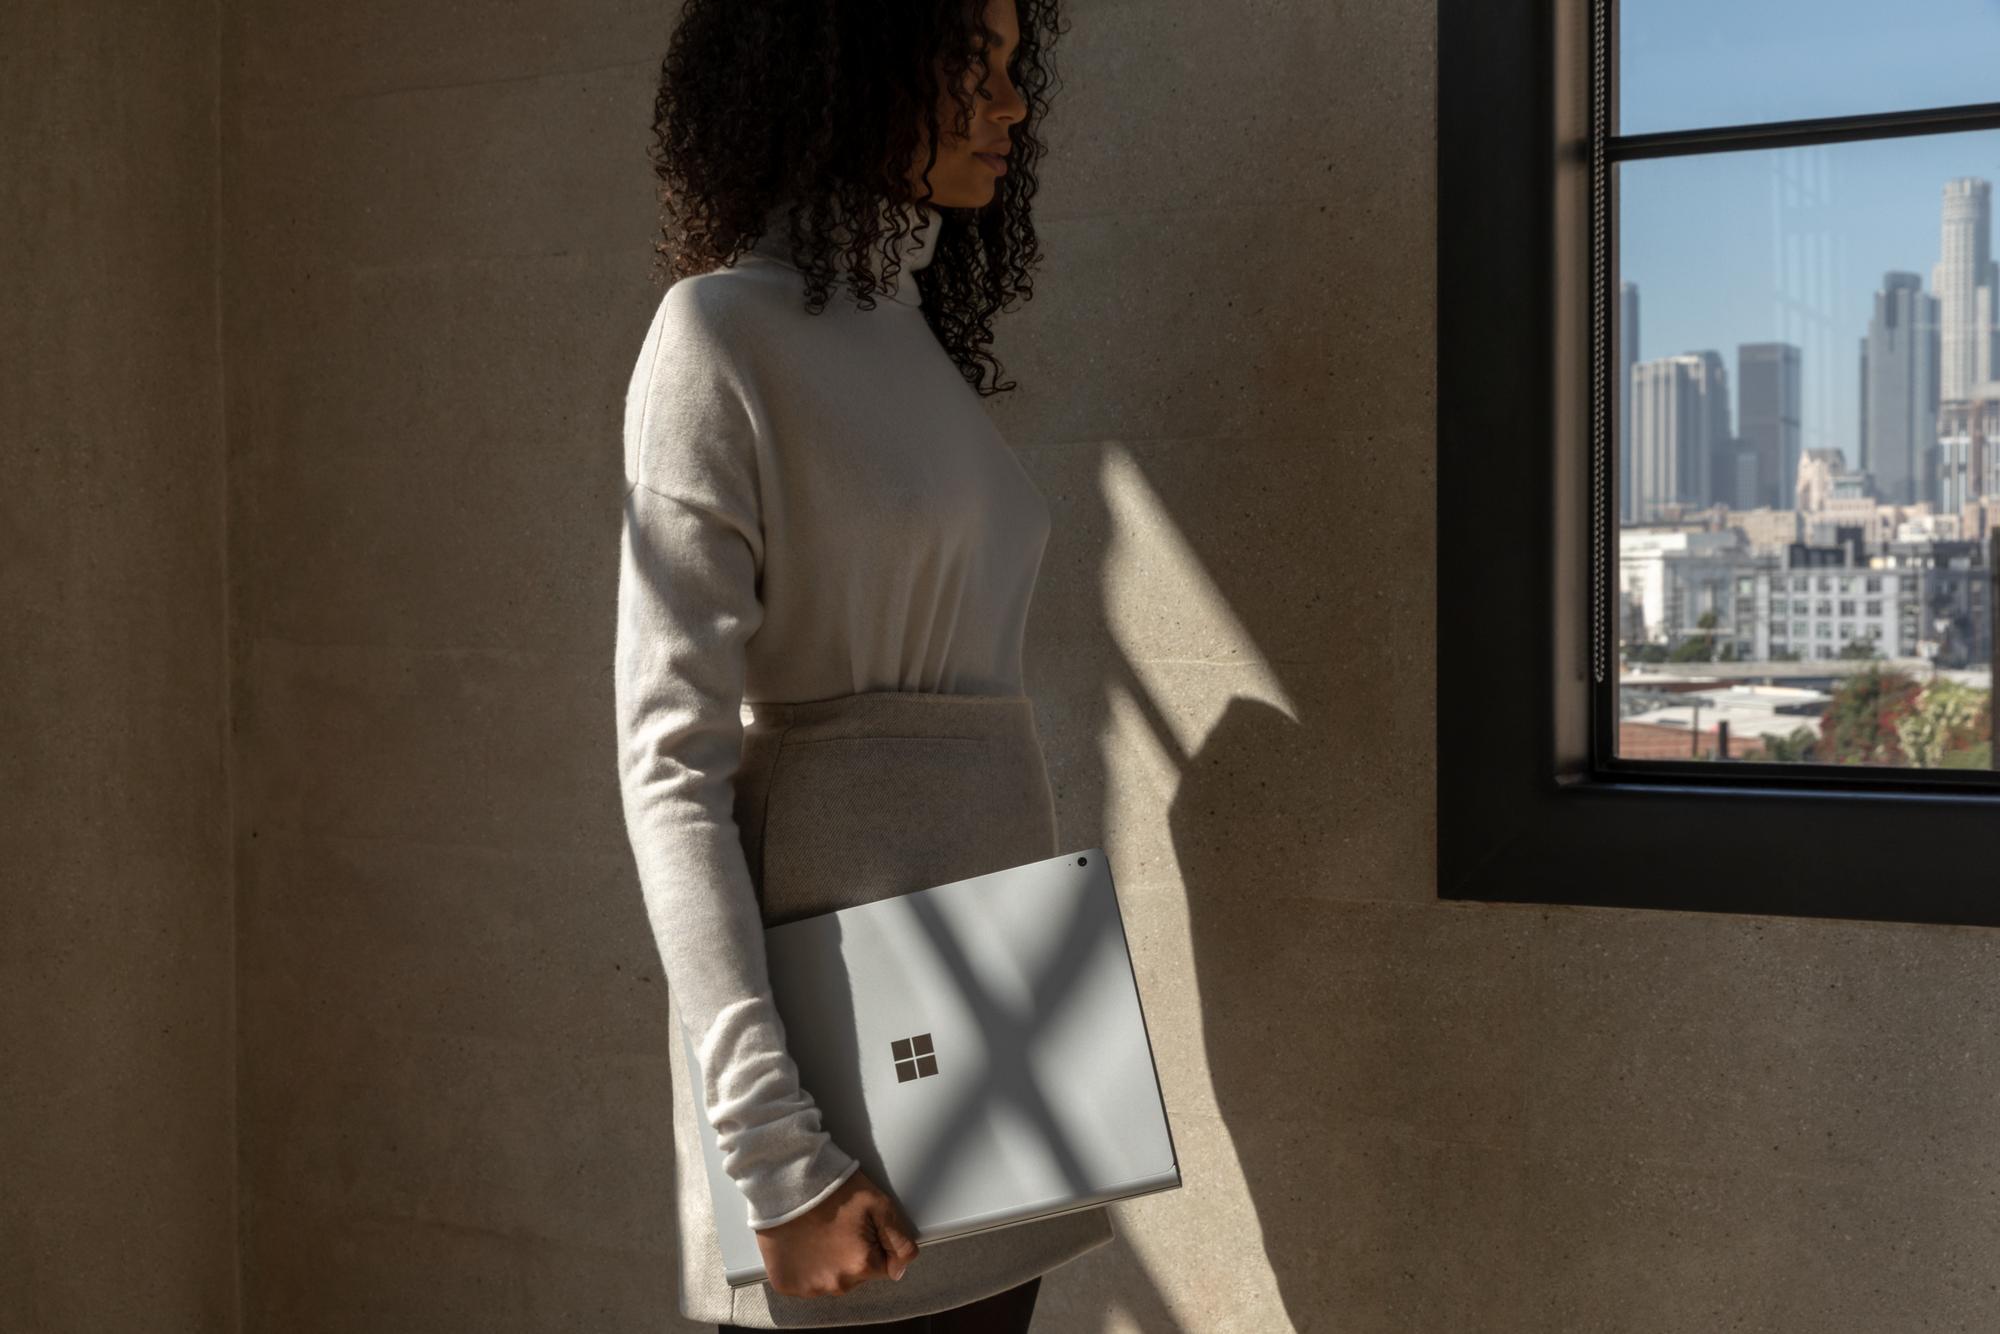 Eine Frau steht in einem Raum vor einer beigefarbenen Wand mit dem Surface Book 3 in der Hand